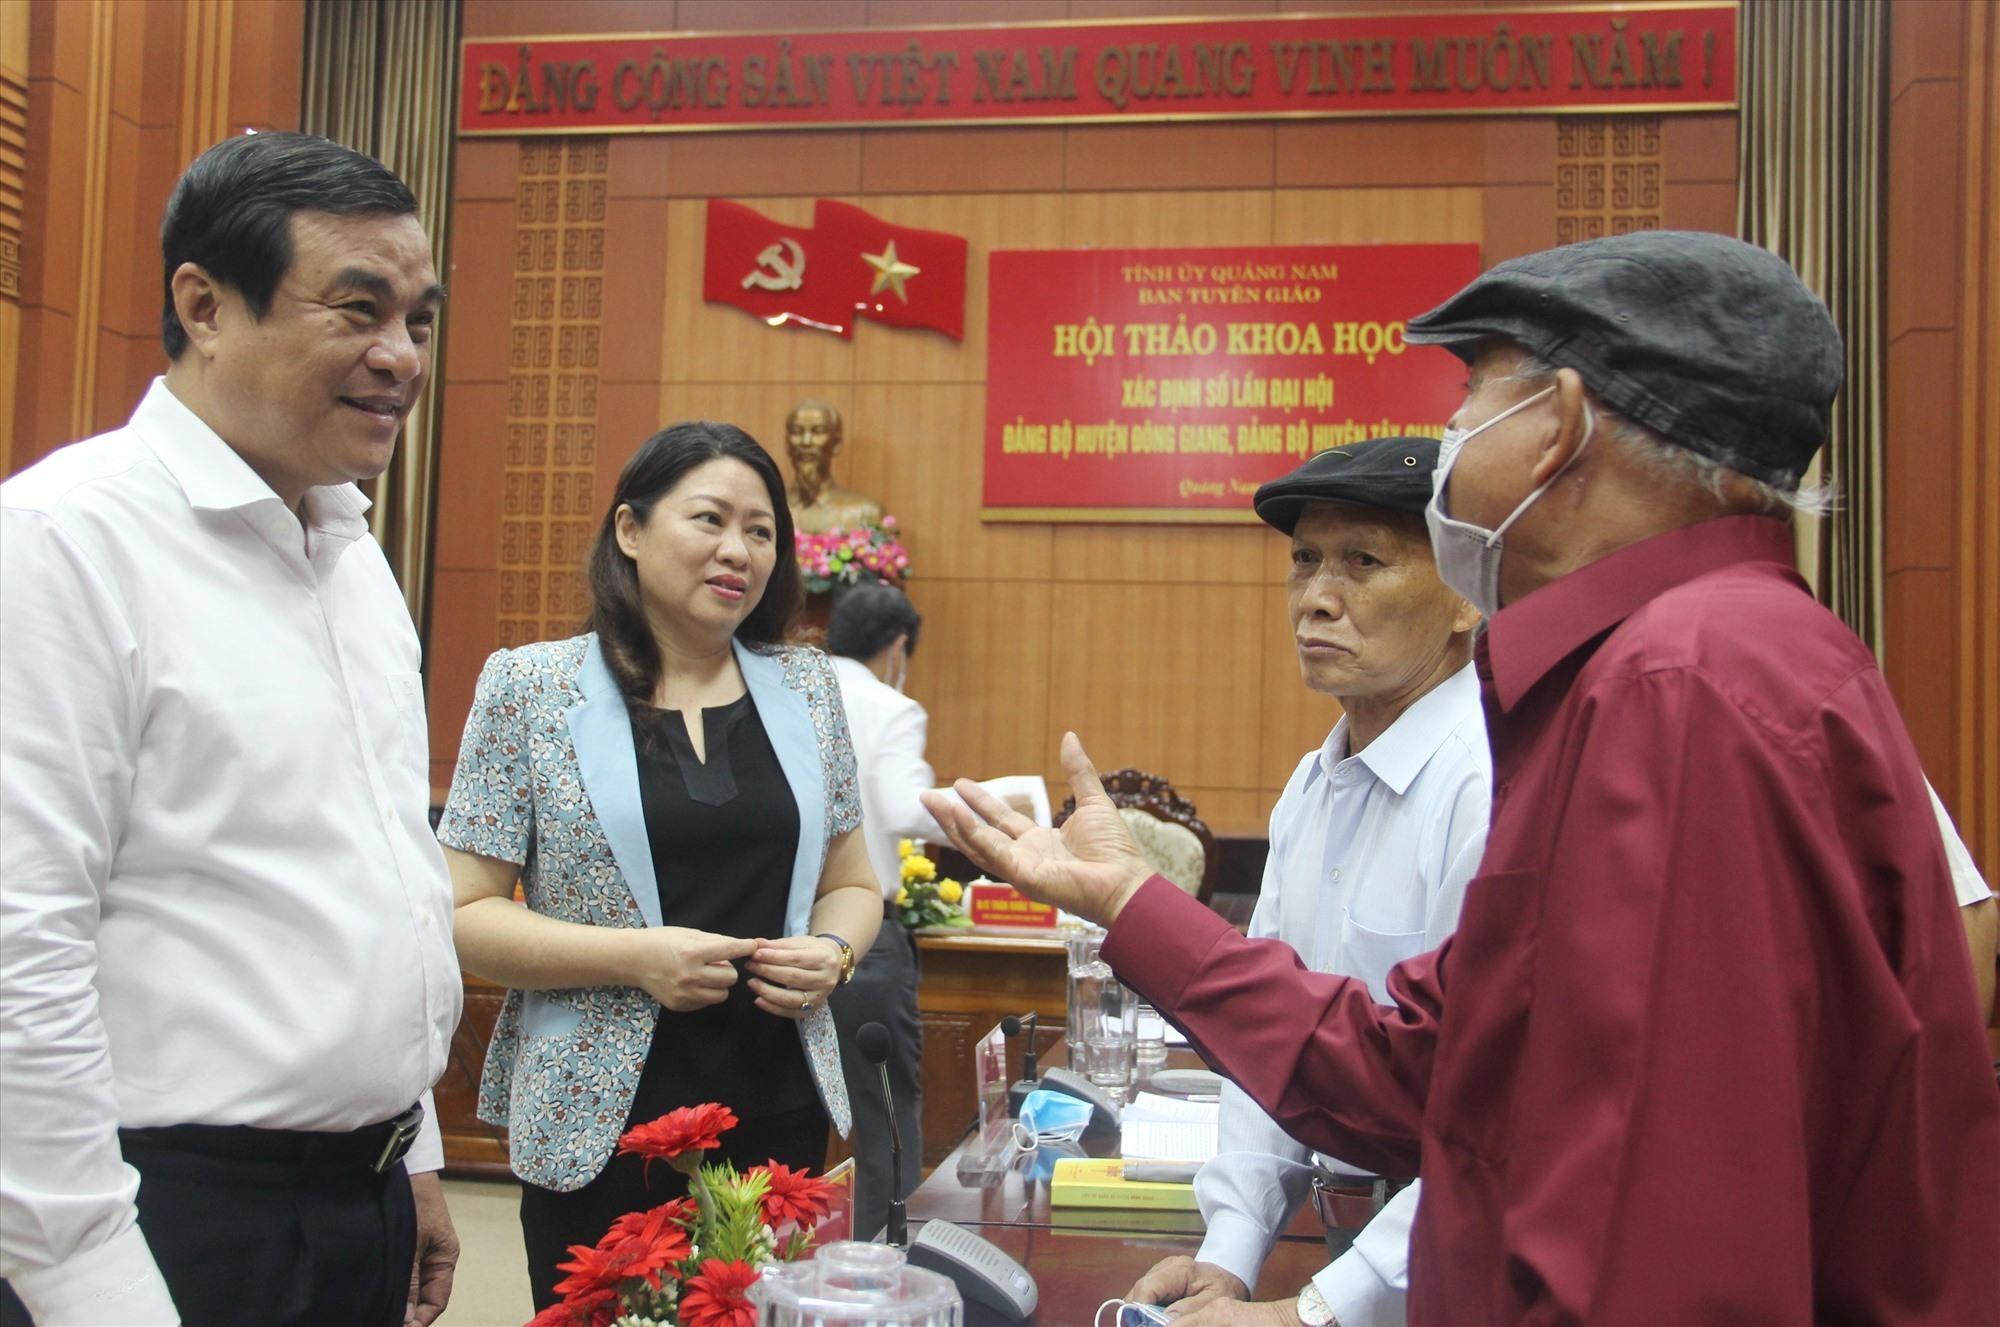 Ủy viên Trung ương Đảng, Bí thư Tỉnh ủy Phan Việt Cường thăm hỏi các nhân chứng nguyên là lãnh đạo hai hai địa phương Đông Giang, Tây Giang. Ảnh: N.Đ